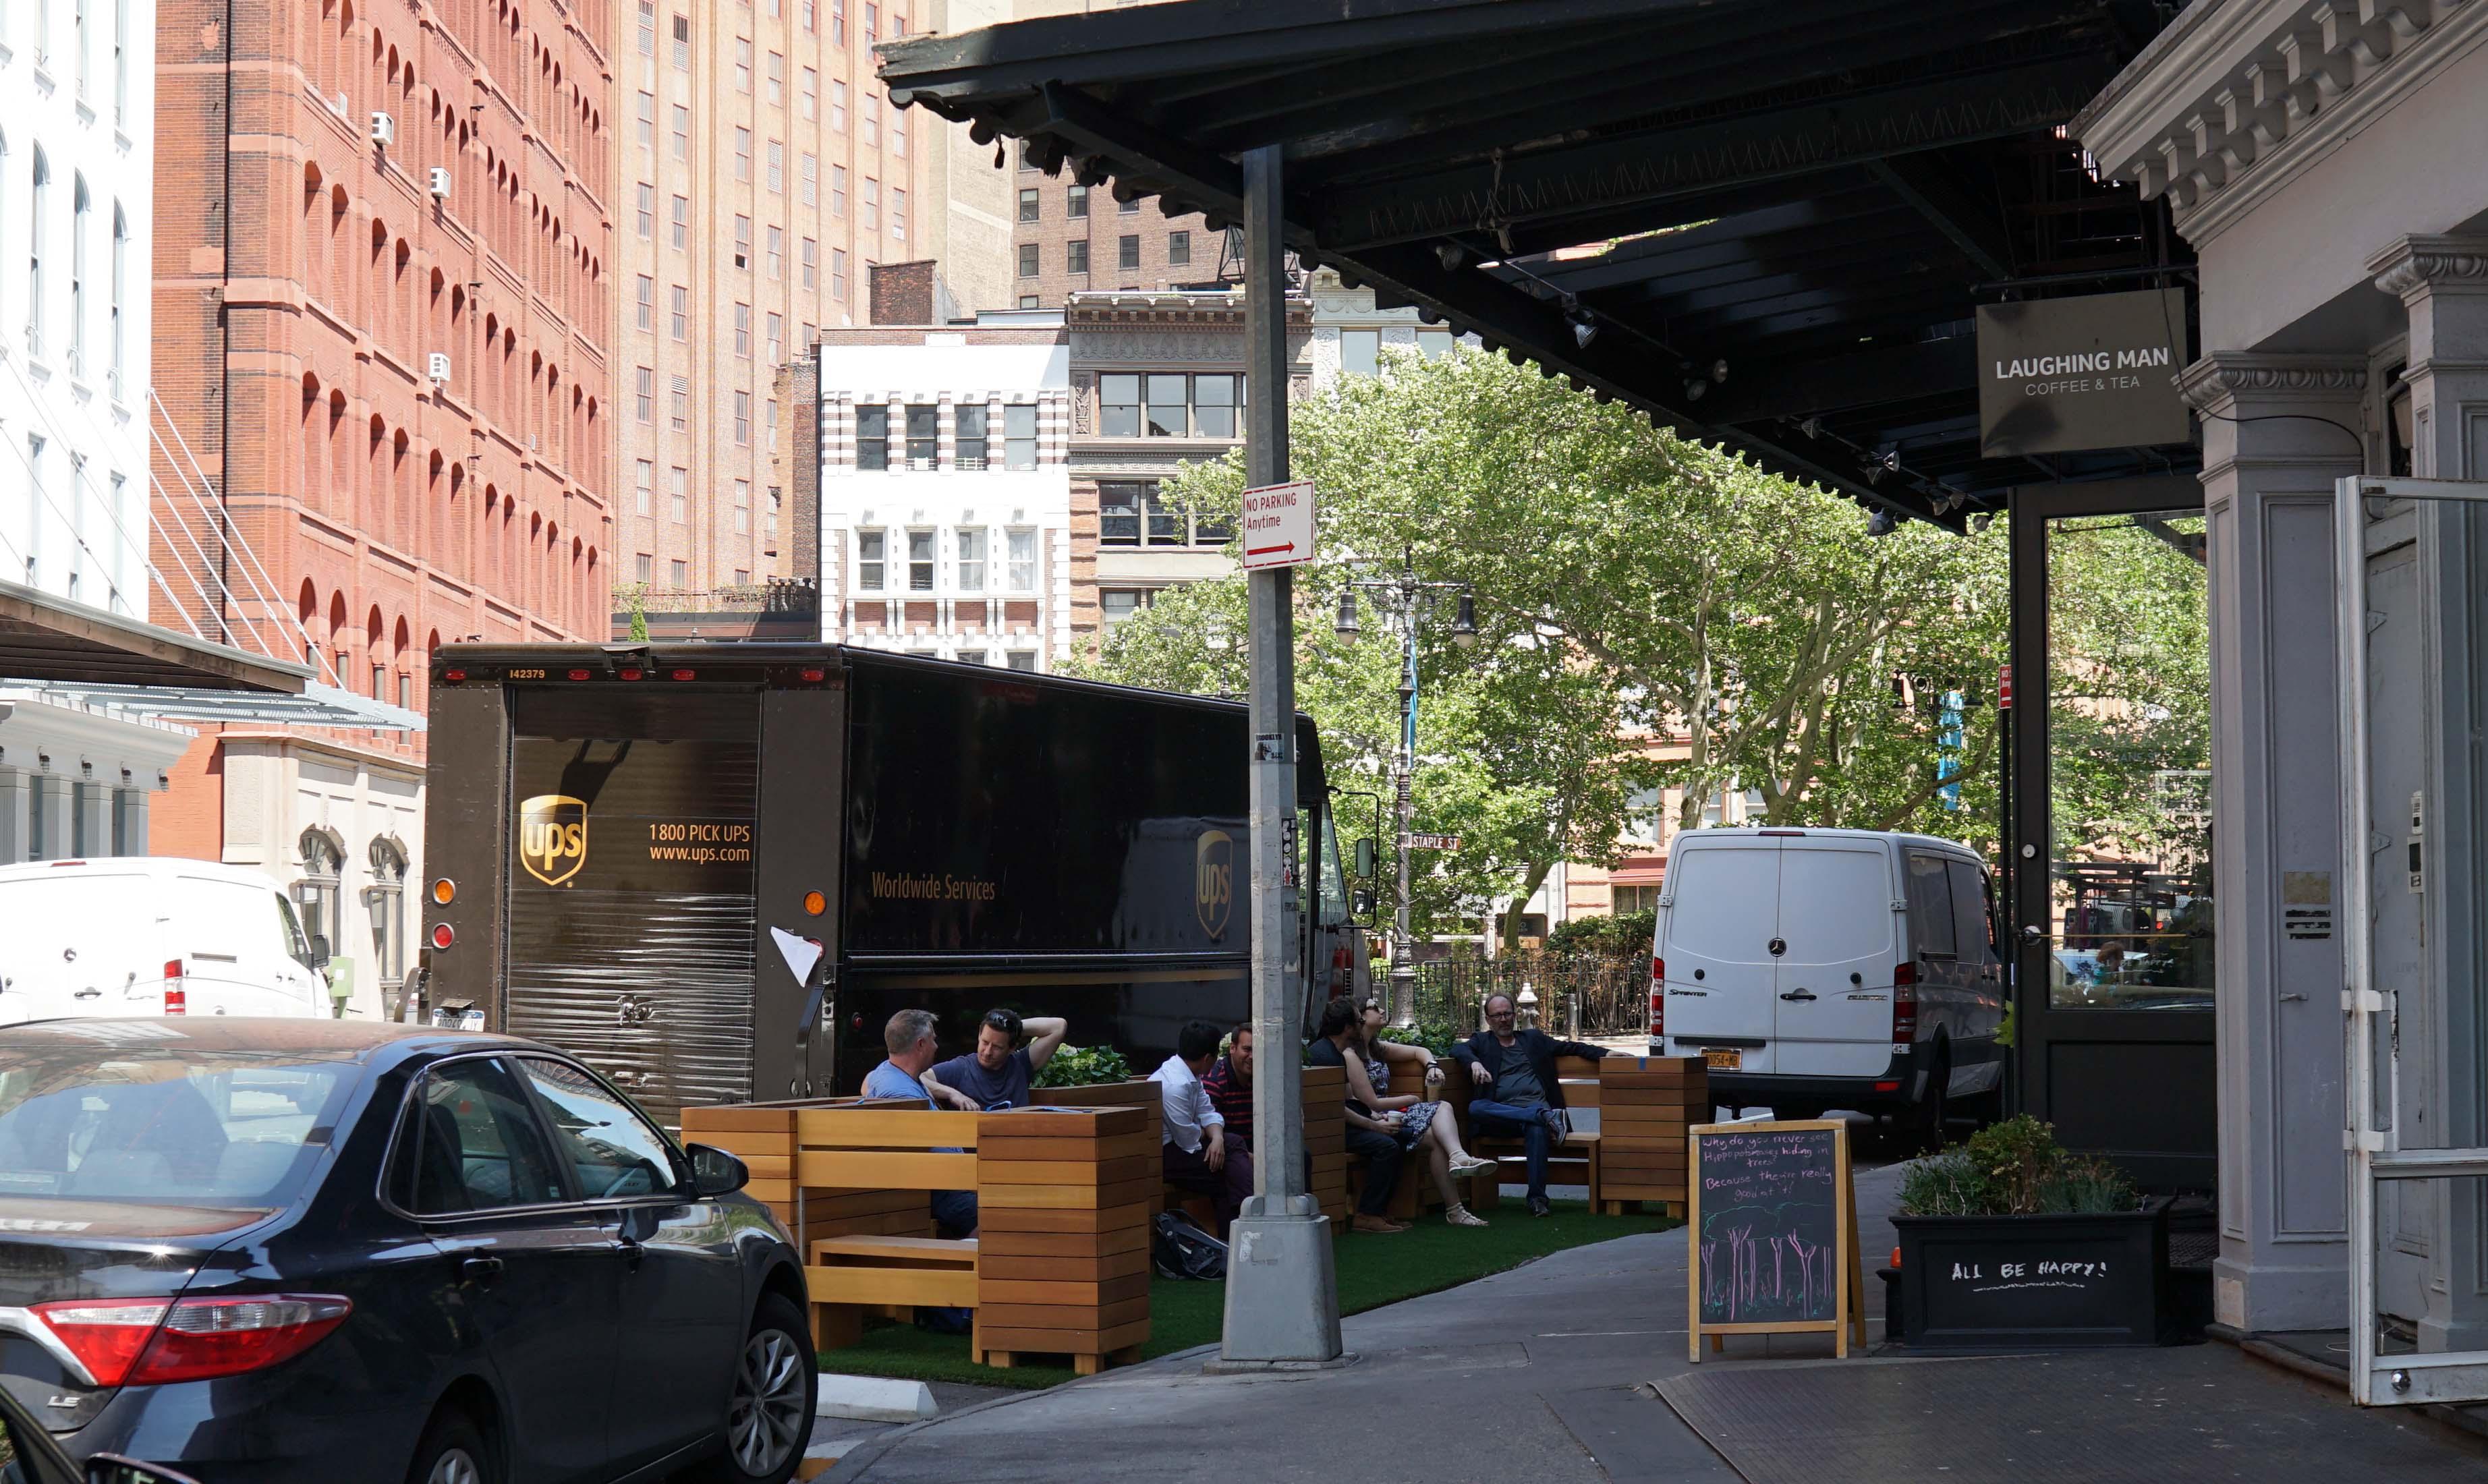 UPS bocks Laughing Man Tribeca